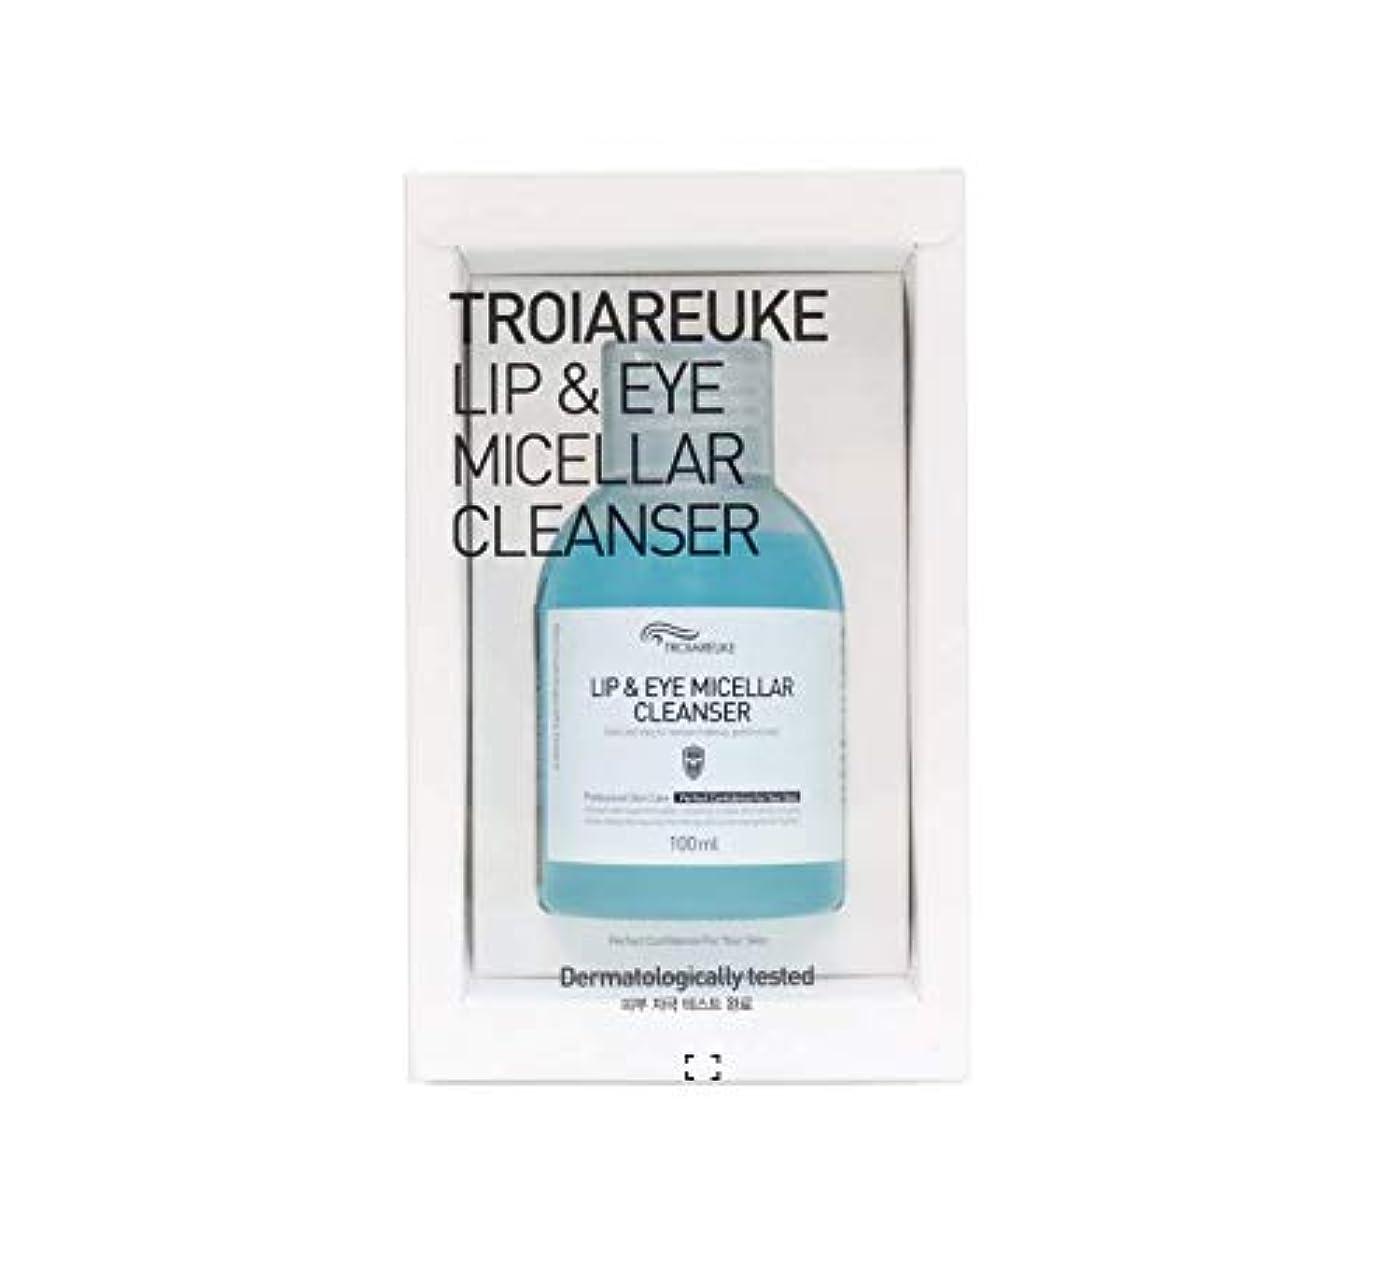 一元化するサミット信号TROIAREUKE (トロイアルケ) リップ & アイ ミセラー クレンザー / Lip & Eye Micellar Cleanser (100ml) [並行輸入品]